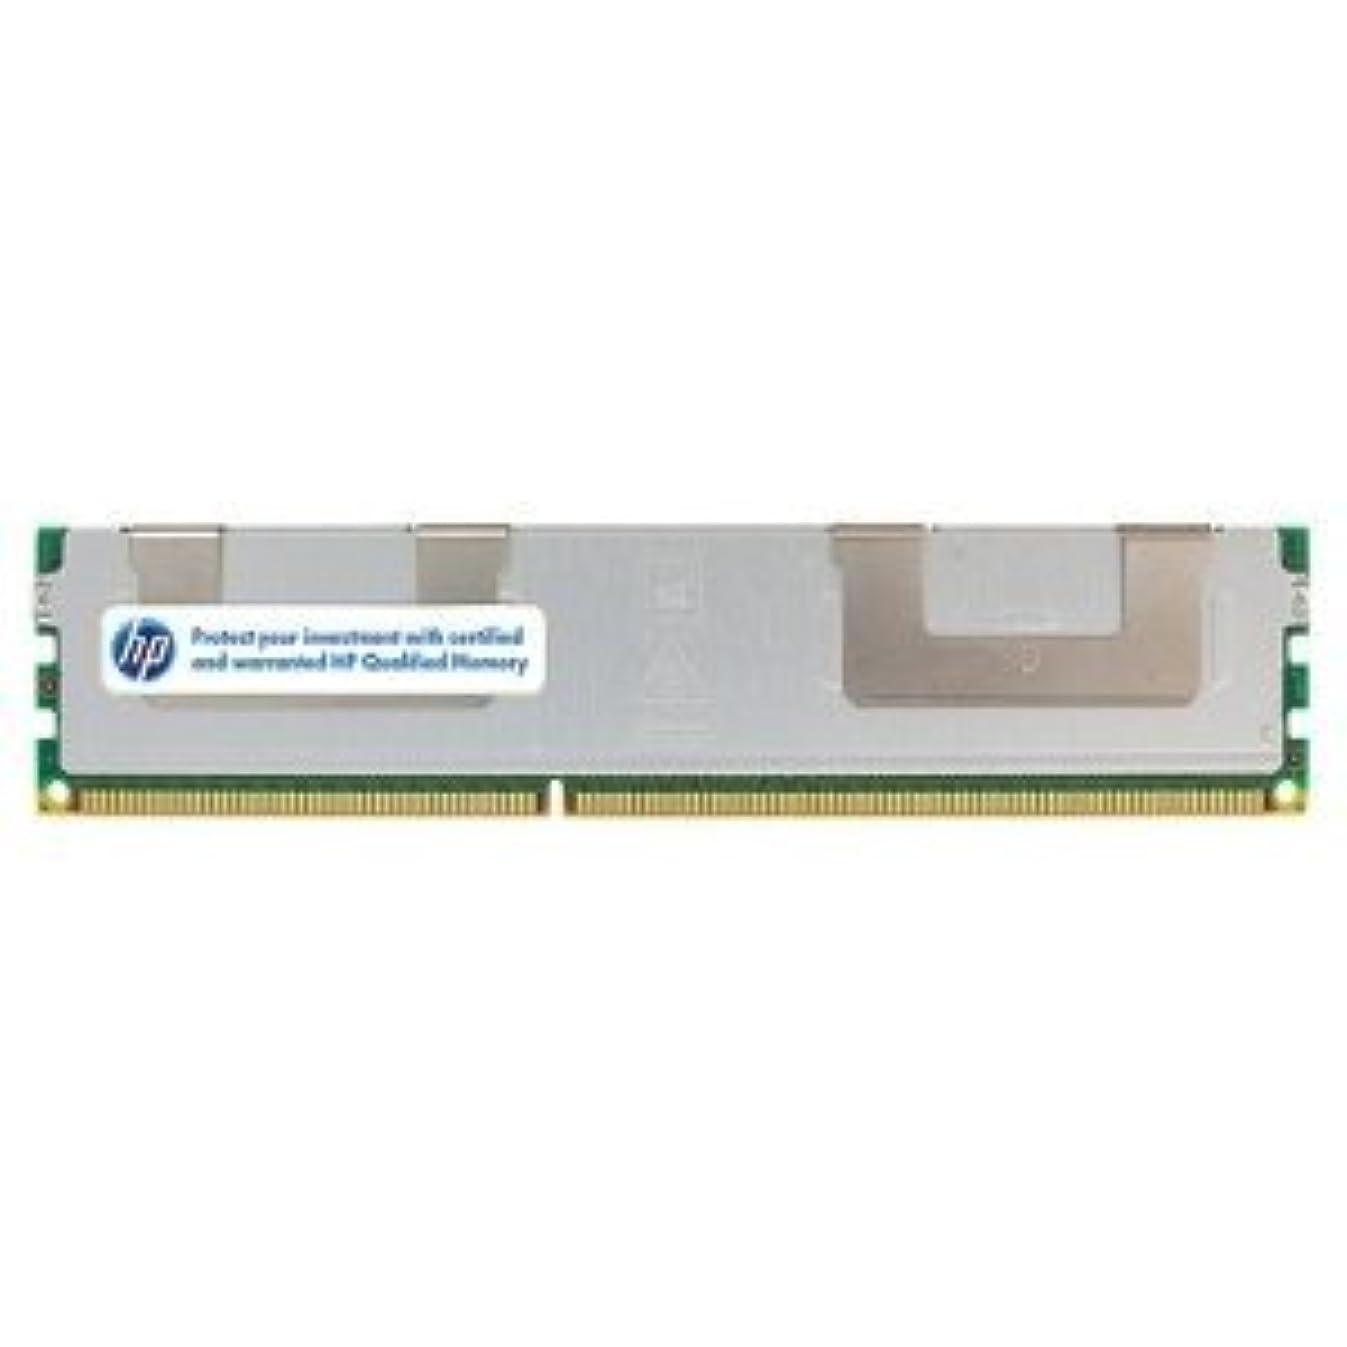 安全な罰怖いHP 500666-S21 16GB DDR3 SDRAM メモリーモジュール - CM9100 (更新済み)